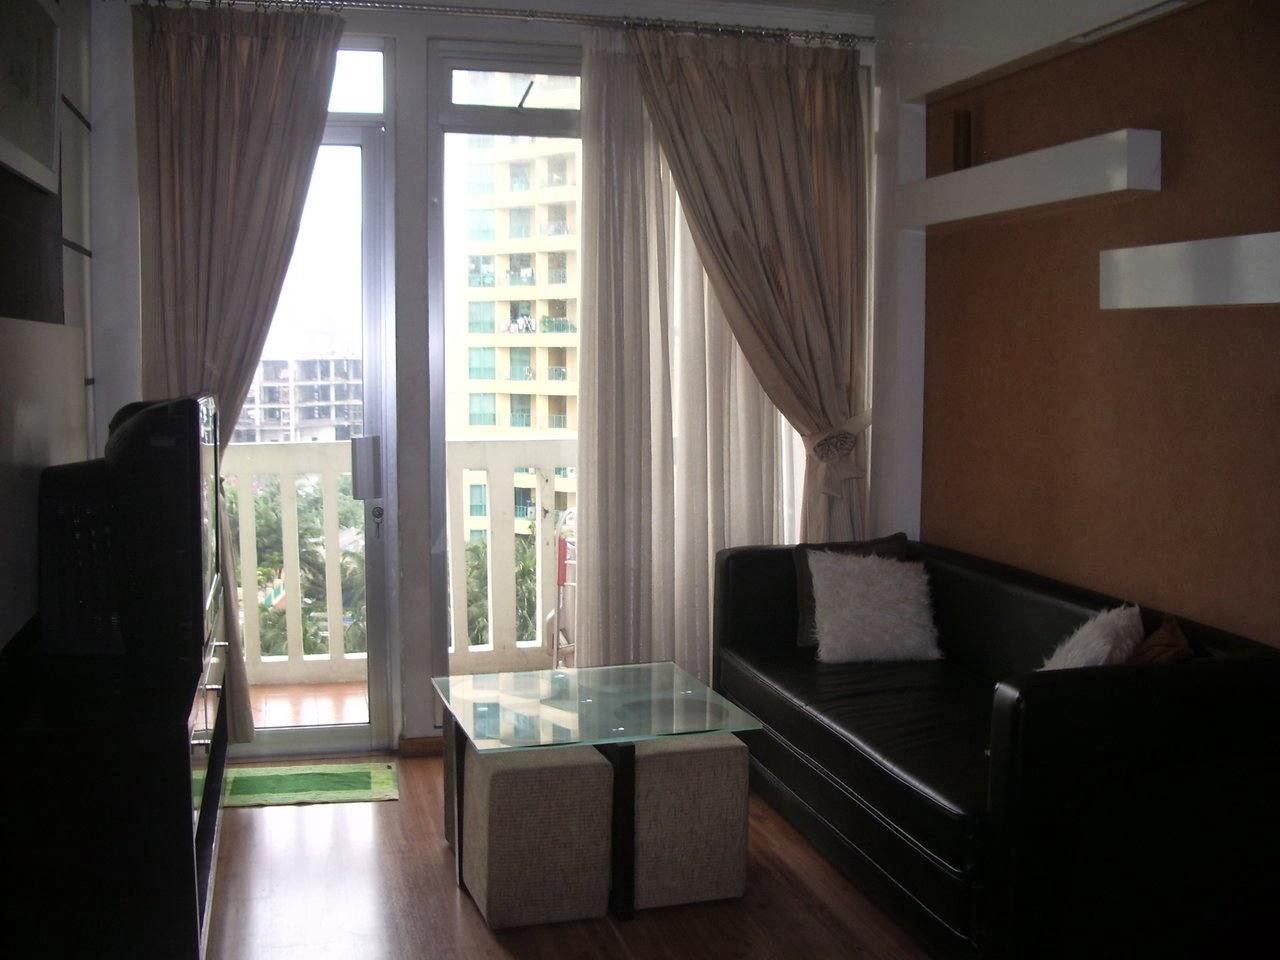 Sewa Apartemen Jakarta Disewakan Apartemen Casablanca